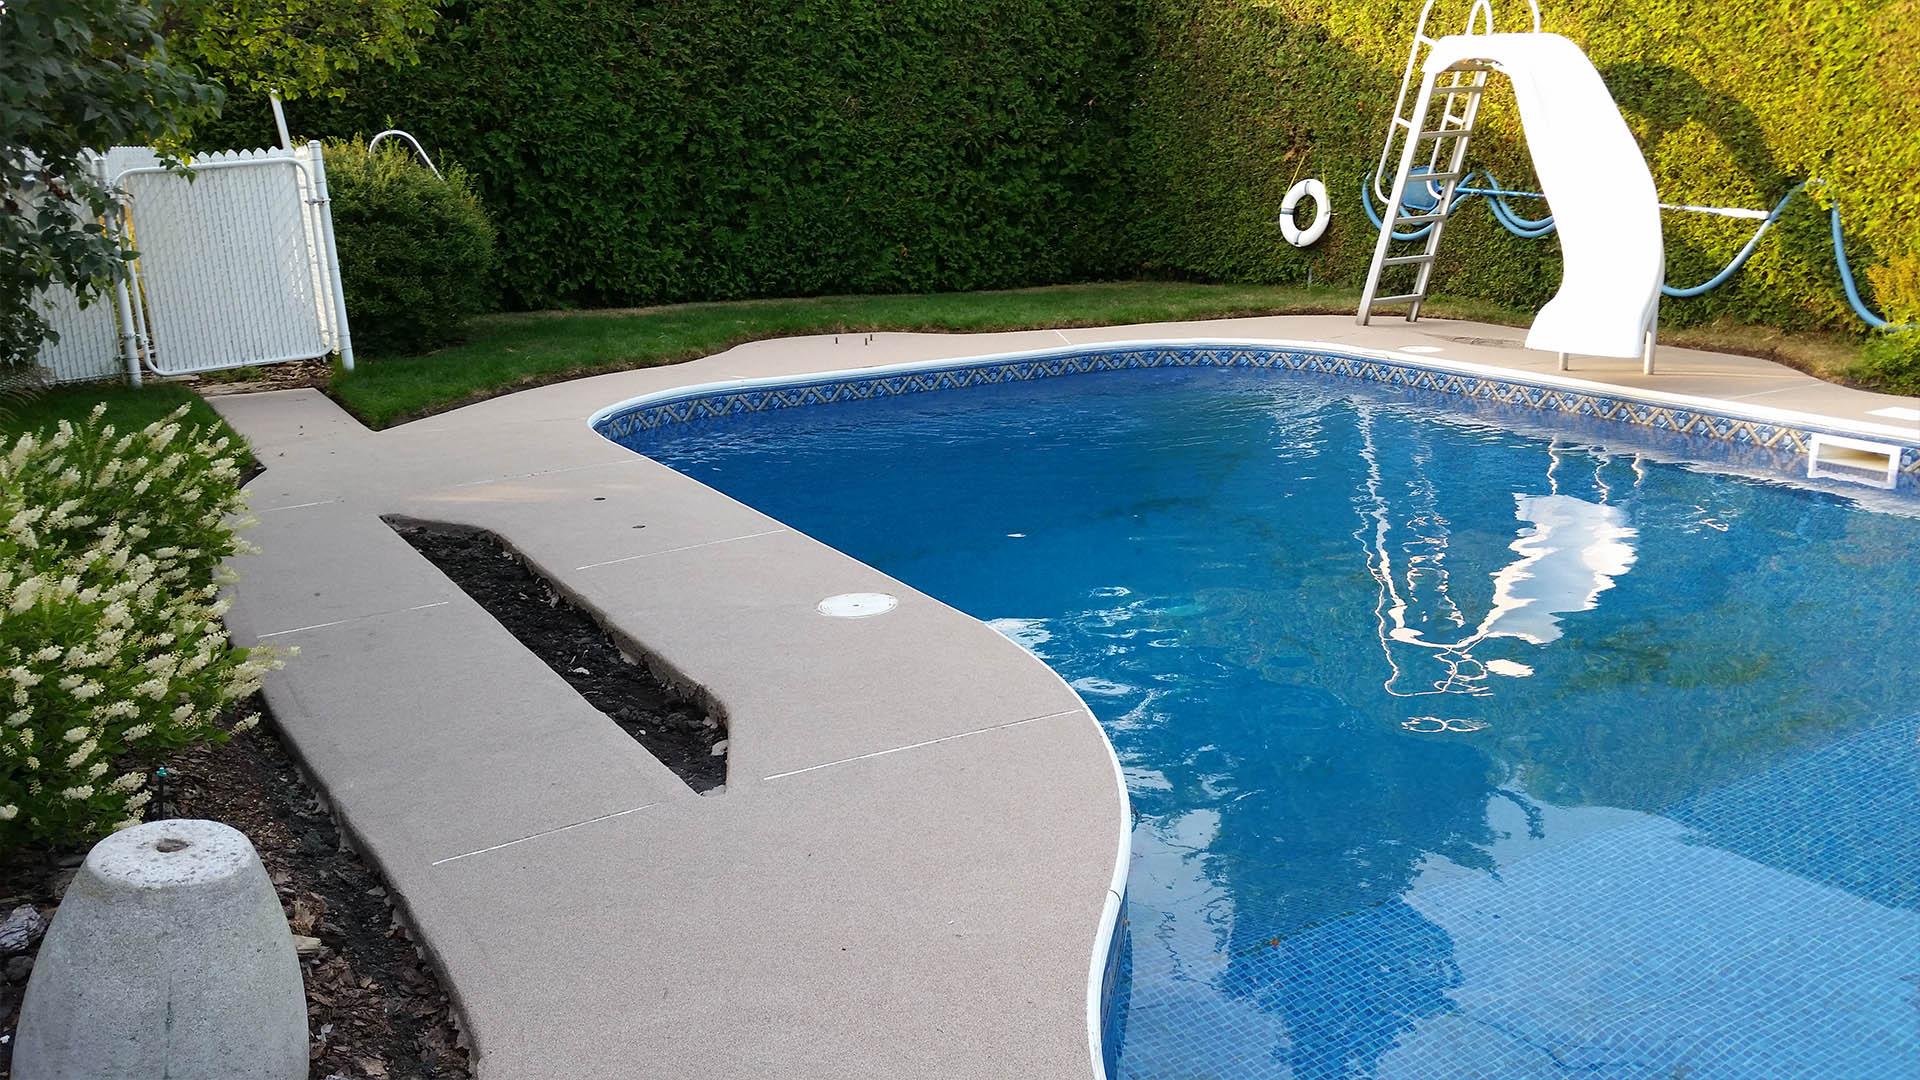 Revêtement de béton pour contour de piscine Revêtement